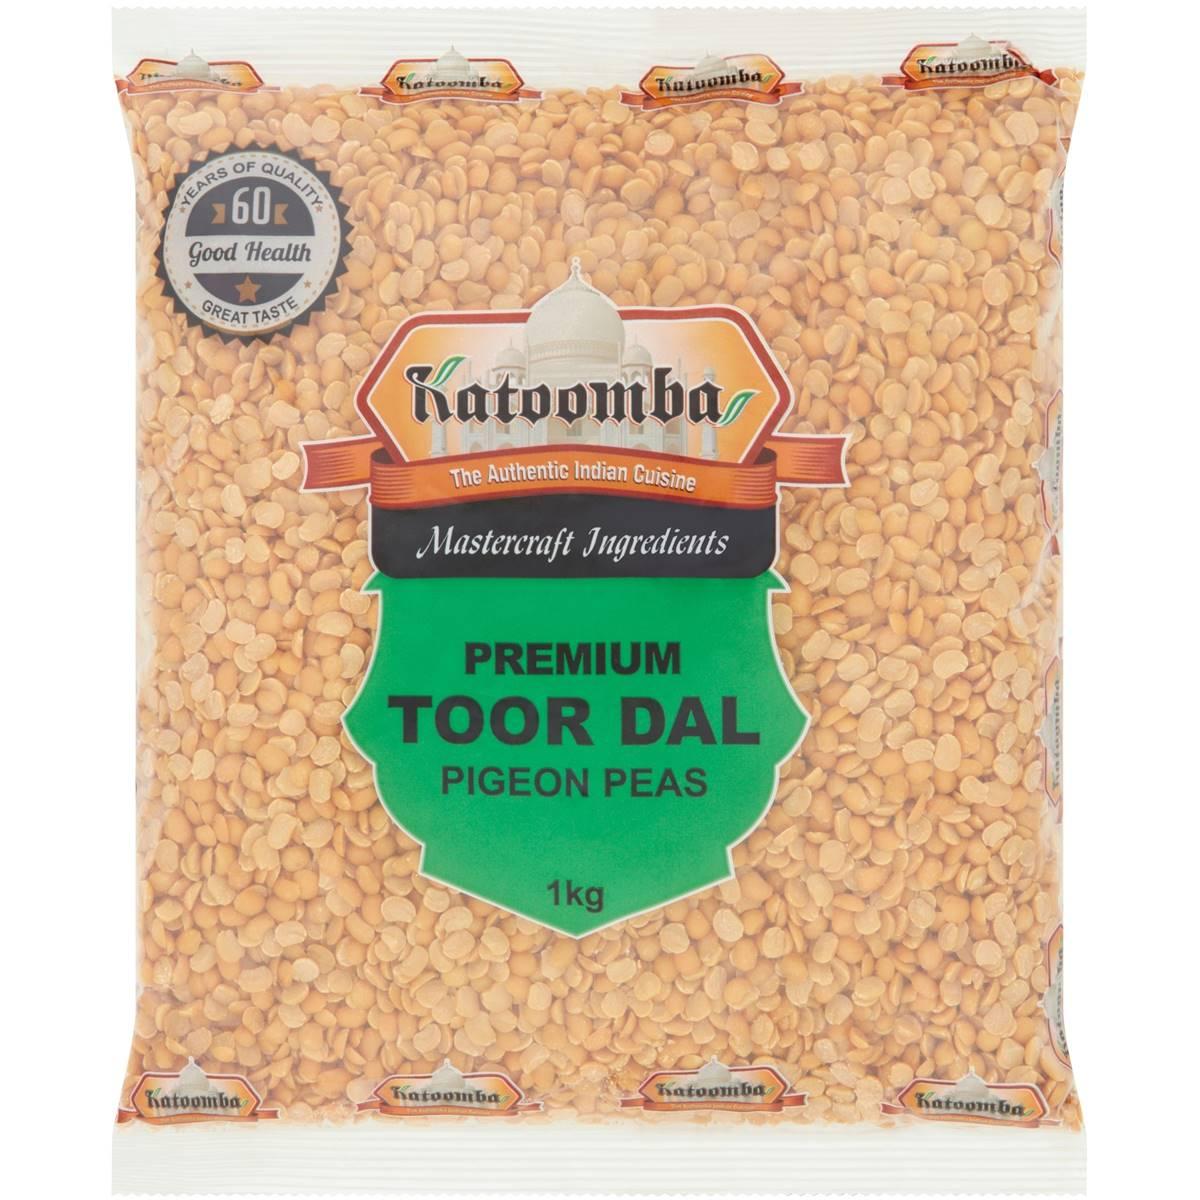 Buy Katoomba Toor Dal Melbourne Online